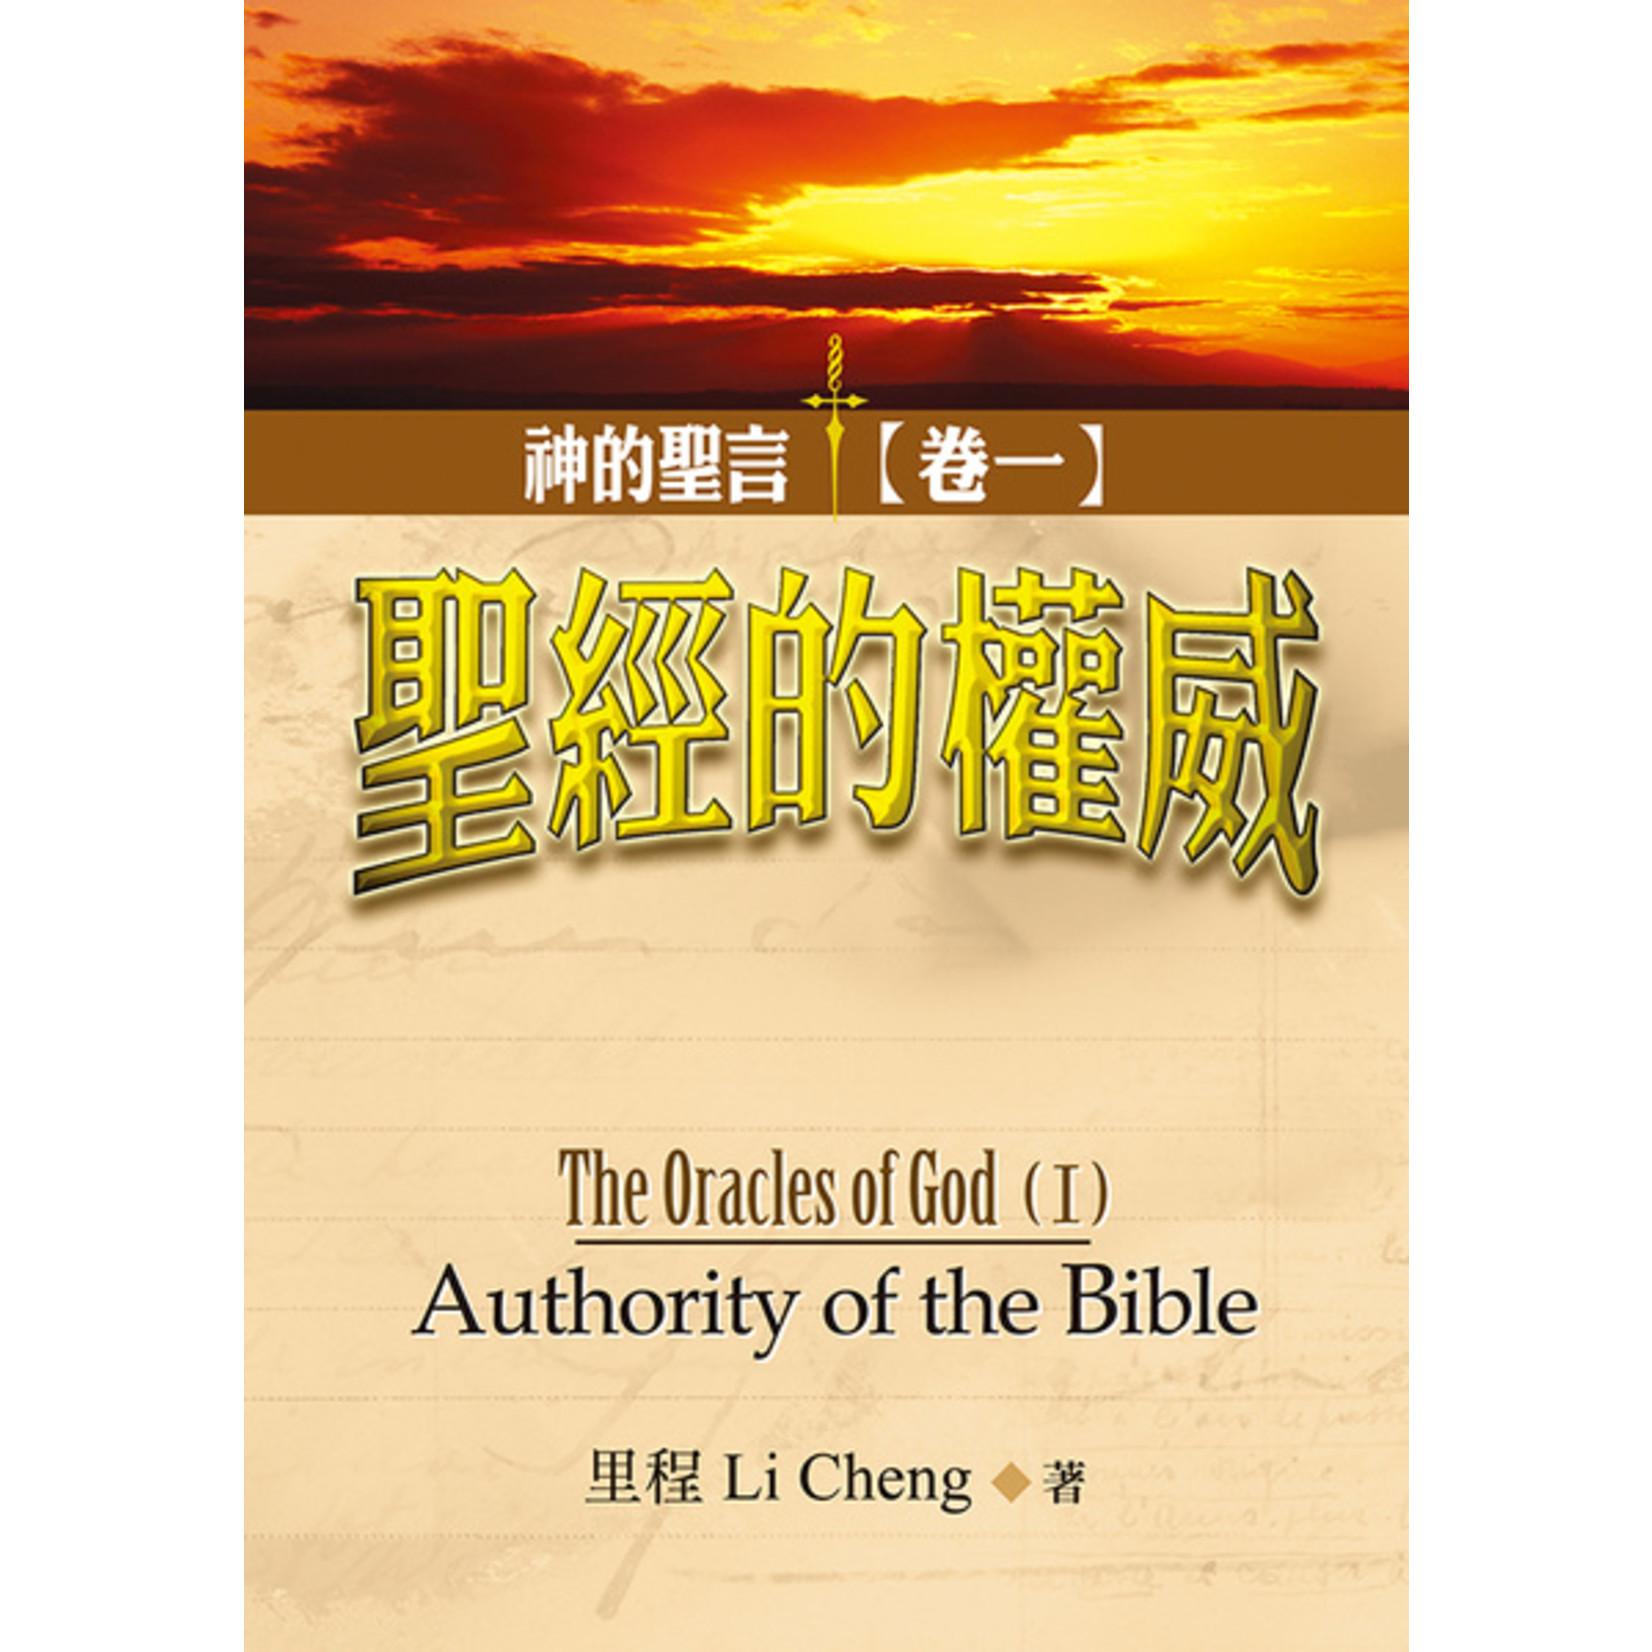 基督使者協會 Ambassadors for Christ 神的聖言(卷一)聖經的權威